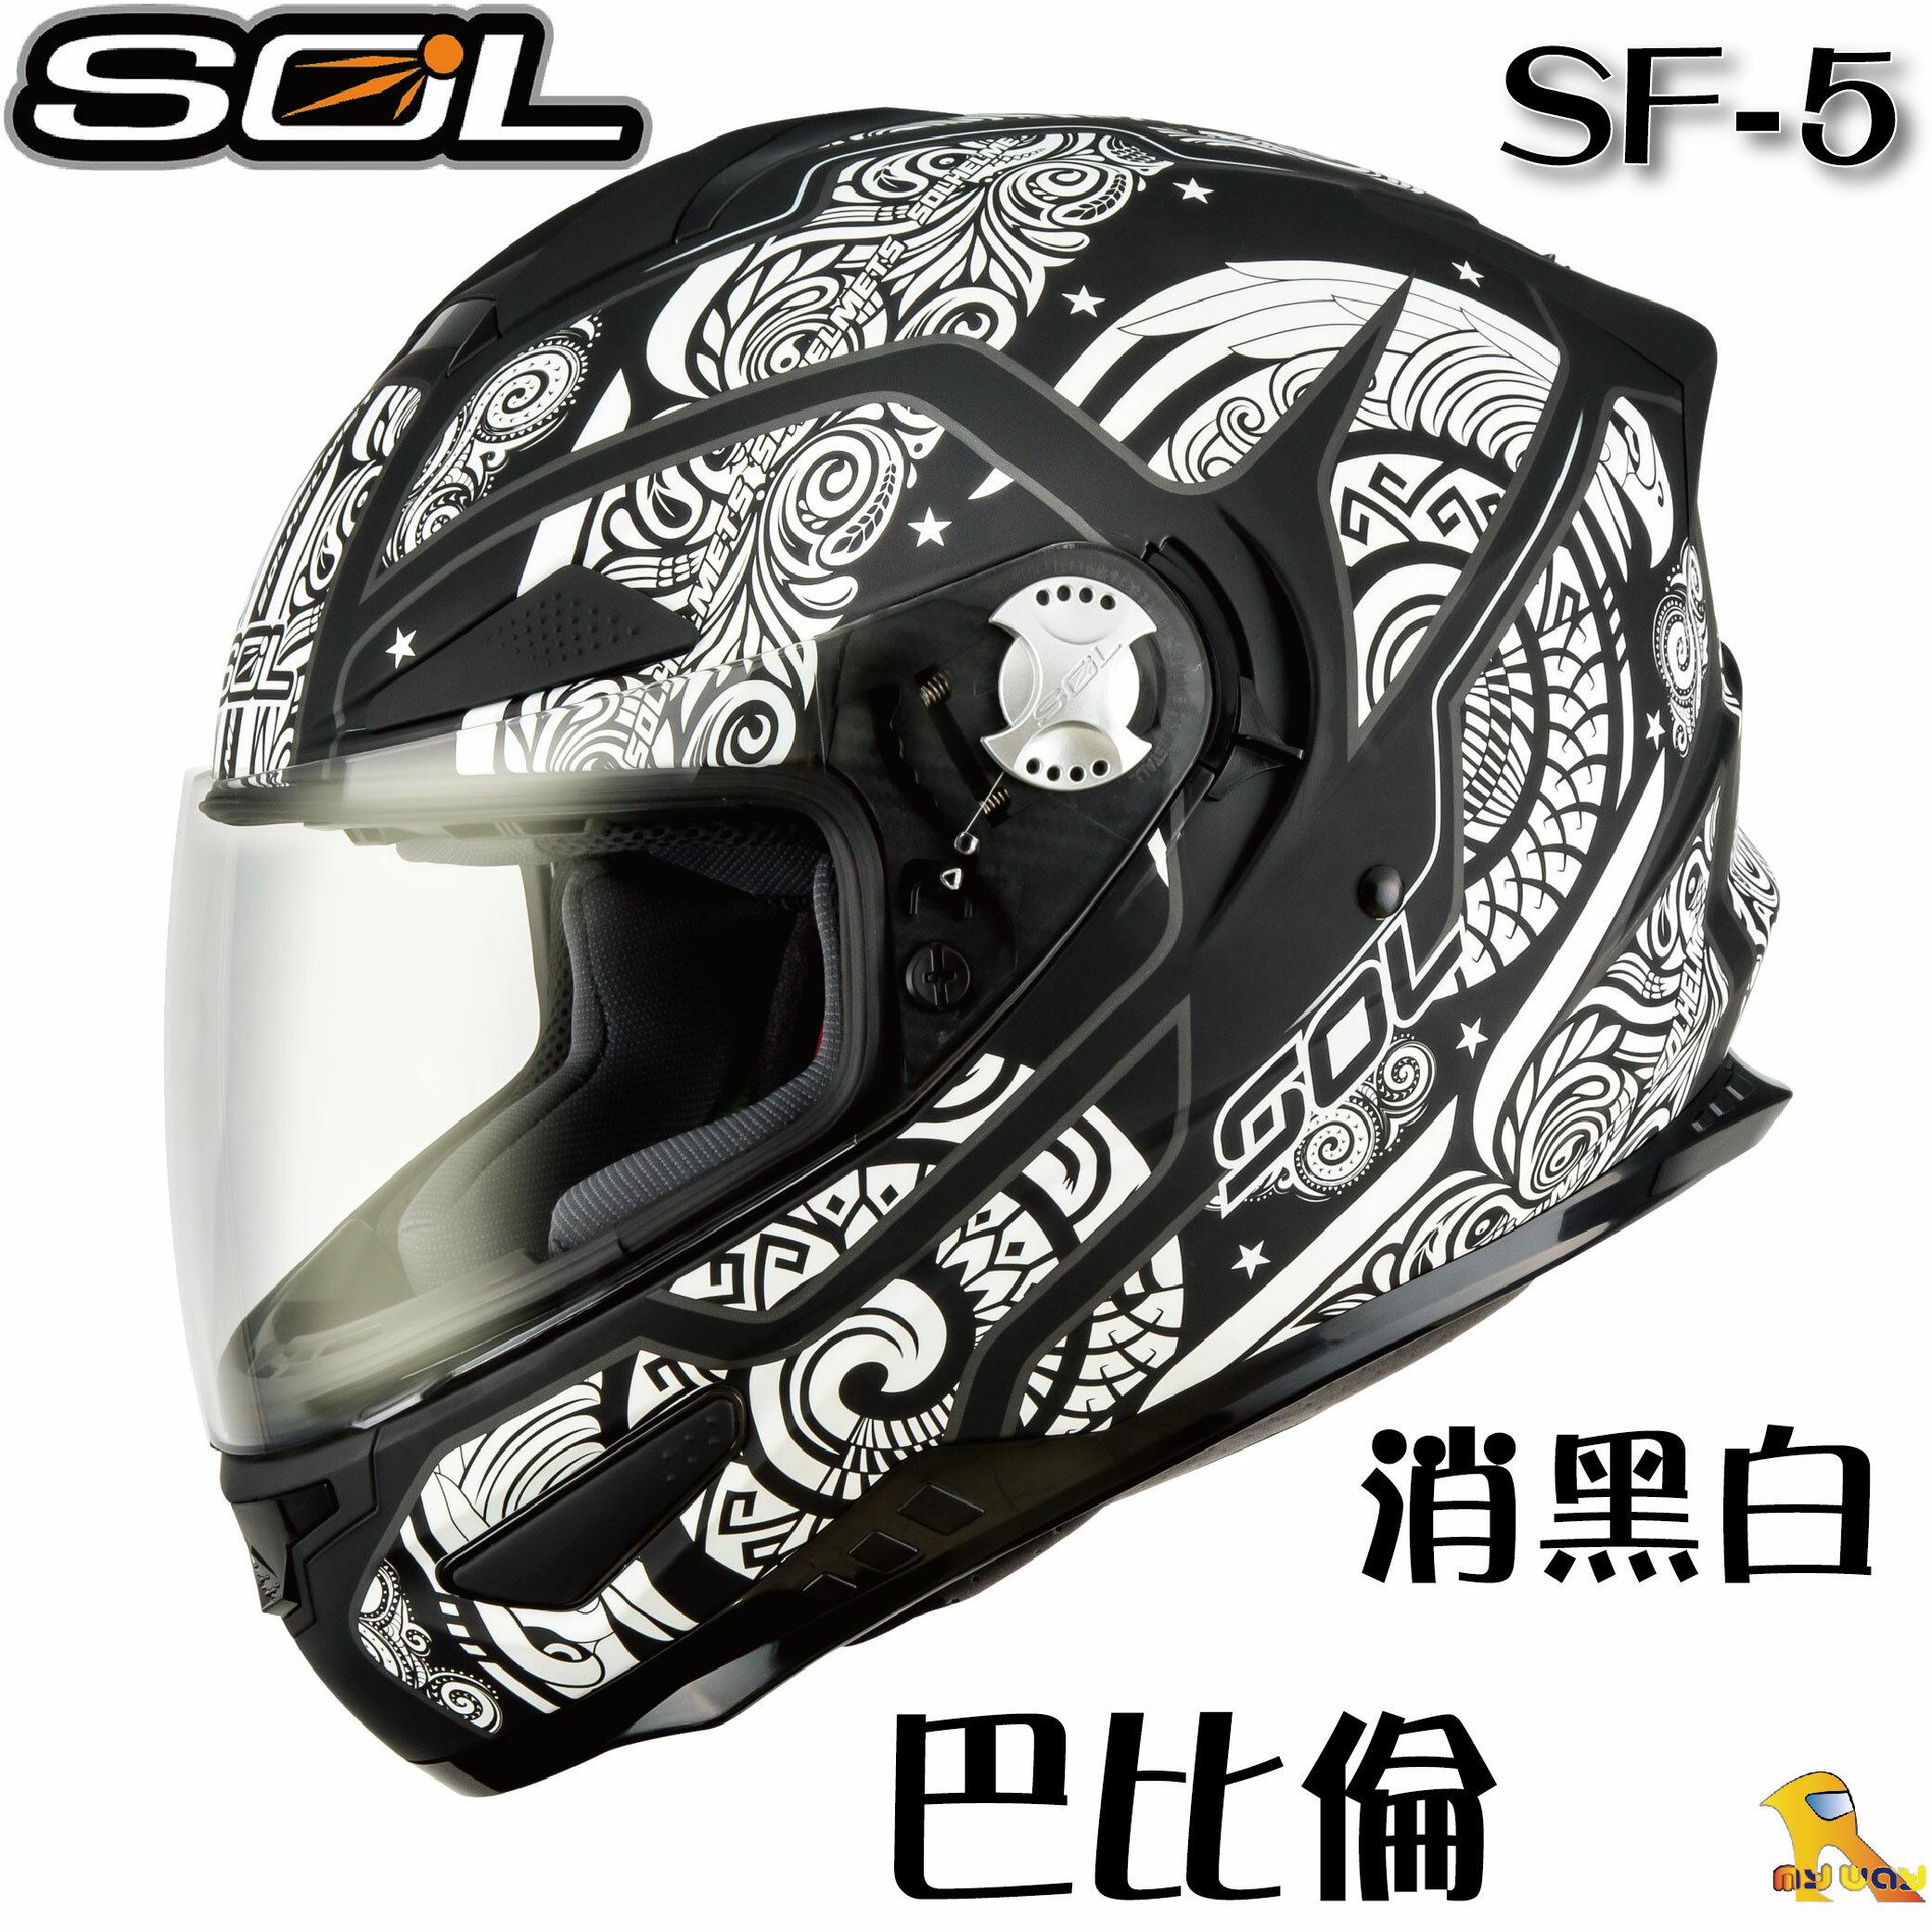 ~任我行騎士人身部品~SOL SF-5 SF5 巴比倫 全罩 內藏墨鏡 安全帽 除霧鏡片 #消黑白